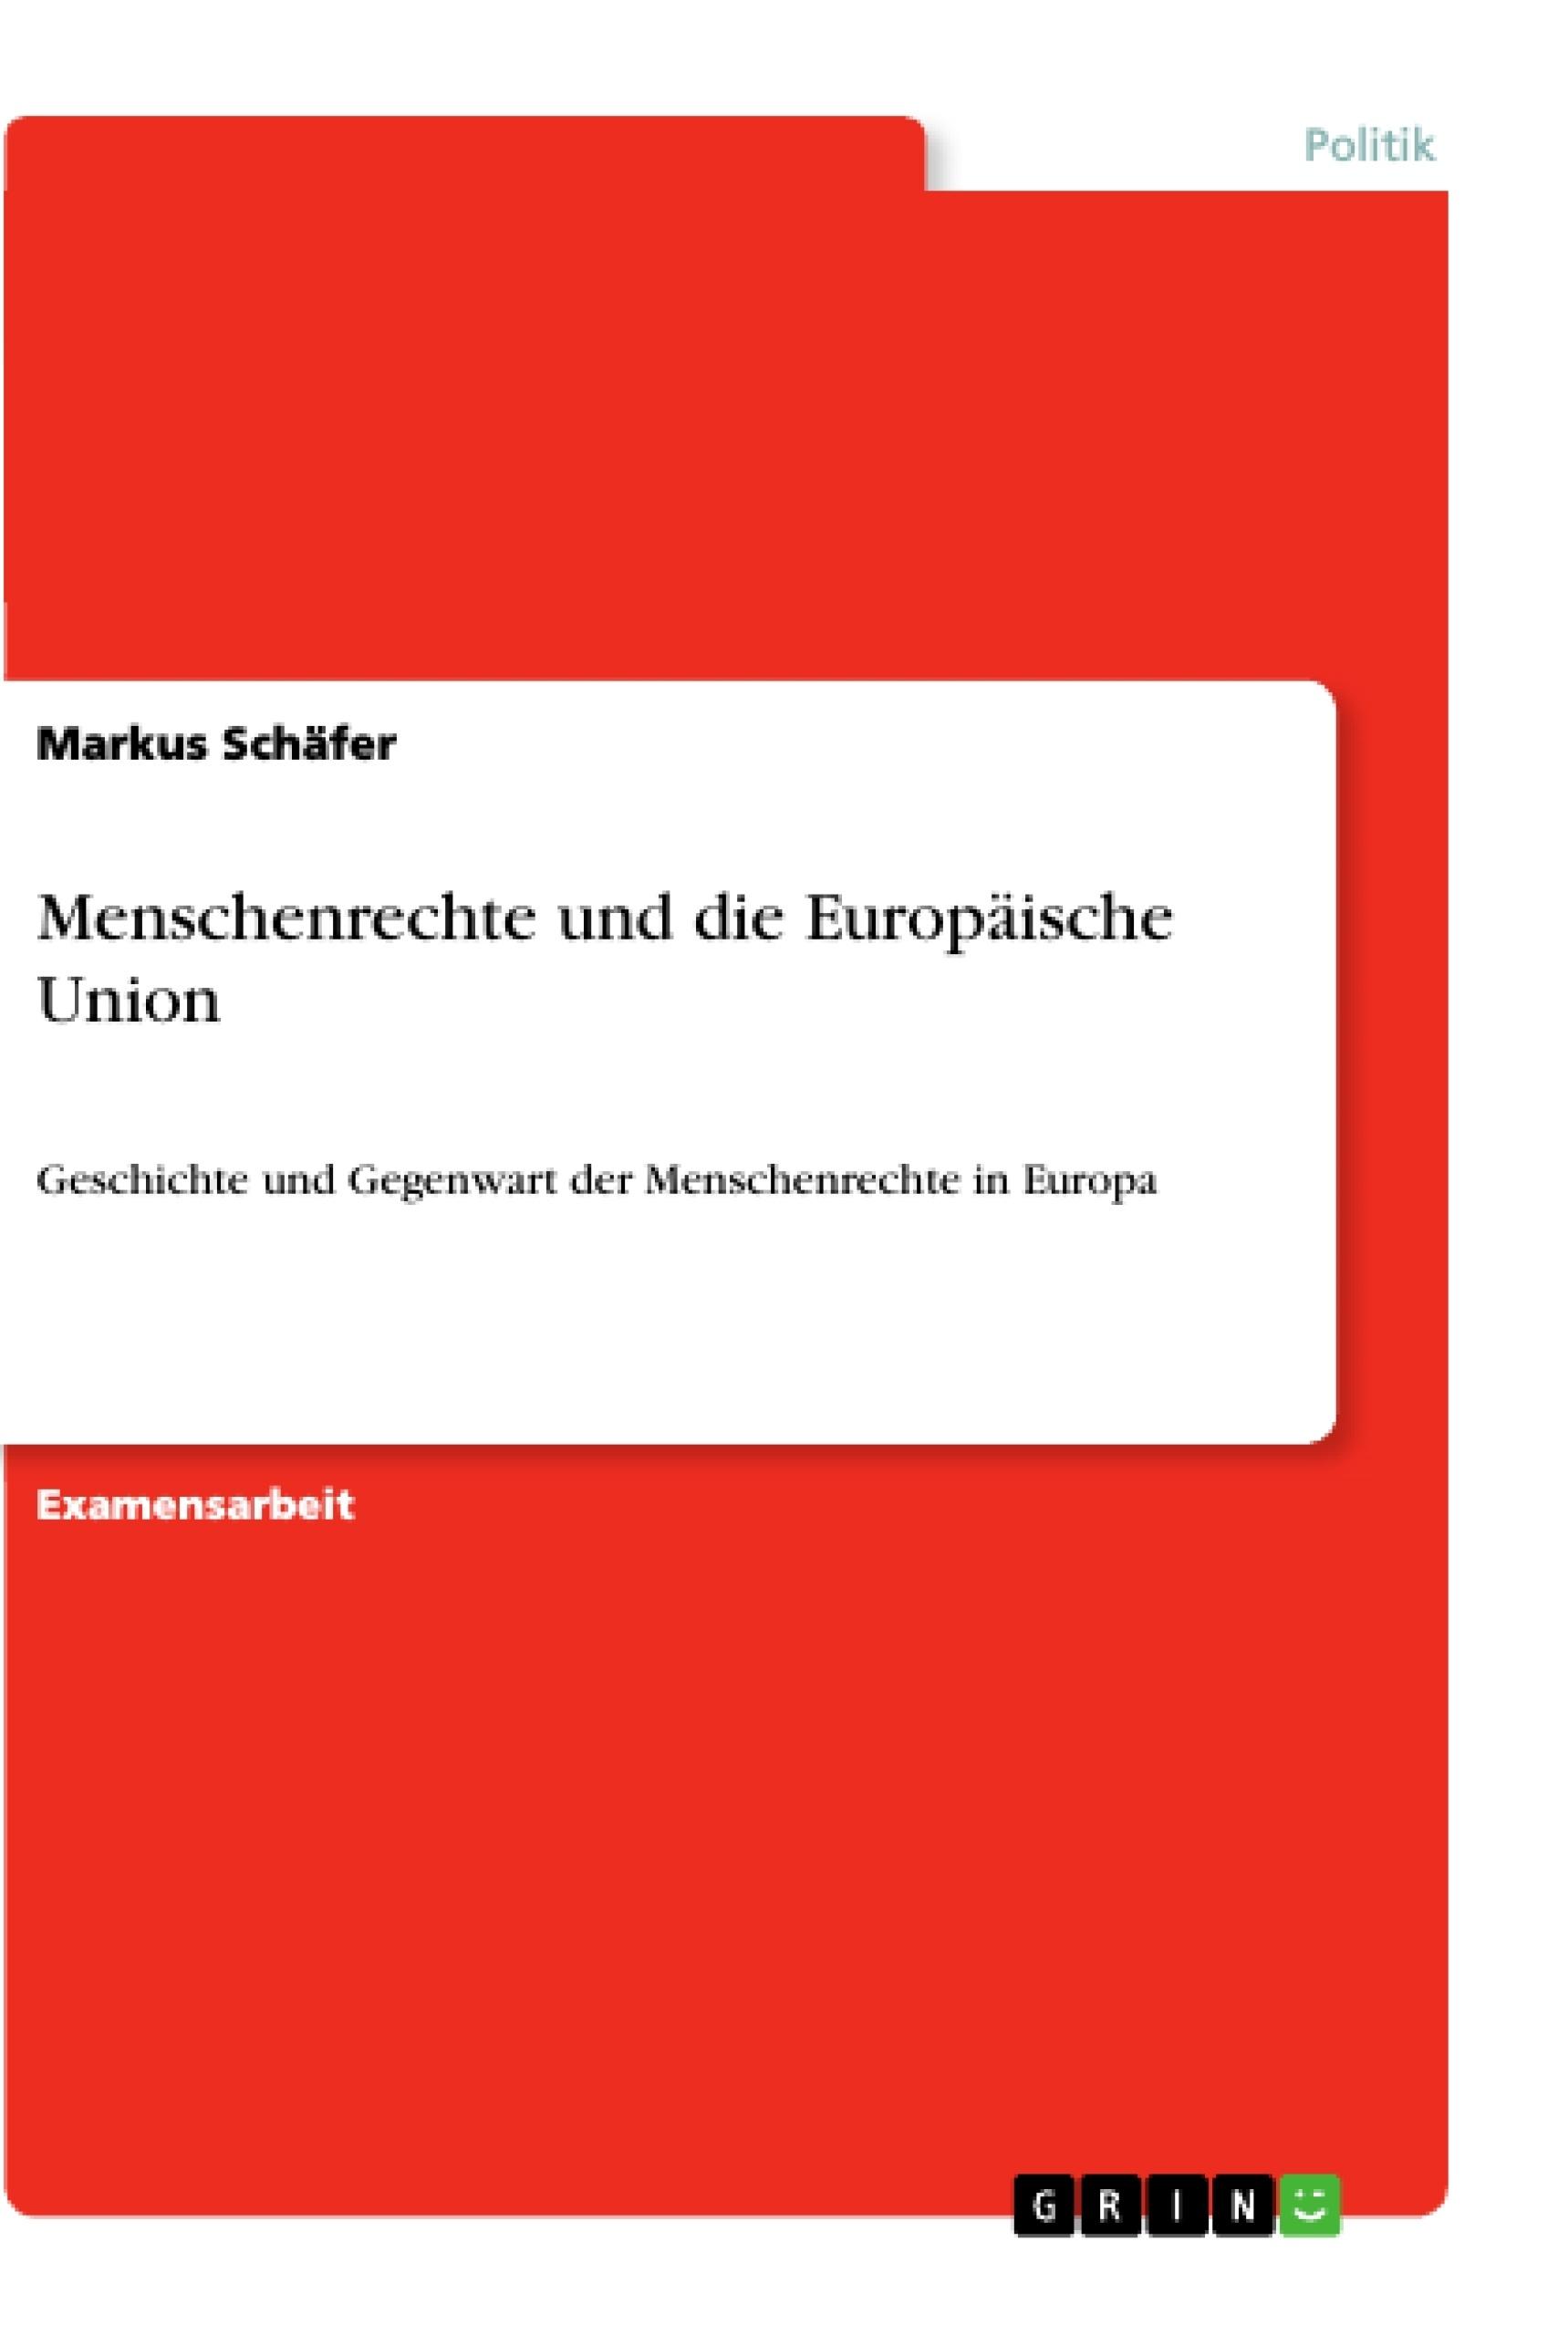 Titel: Menschenrechte und die Europäische Union